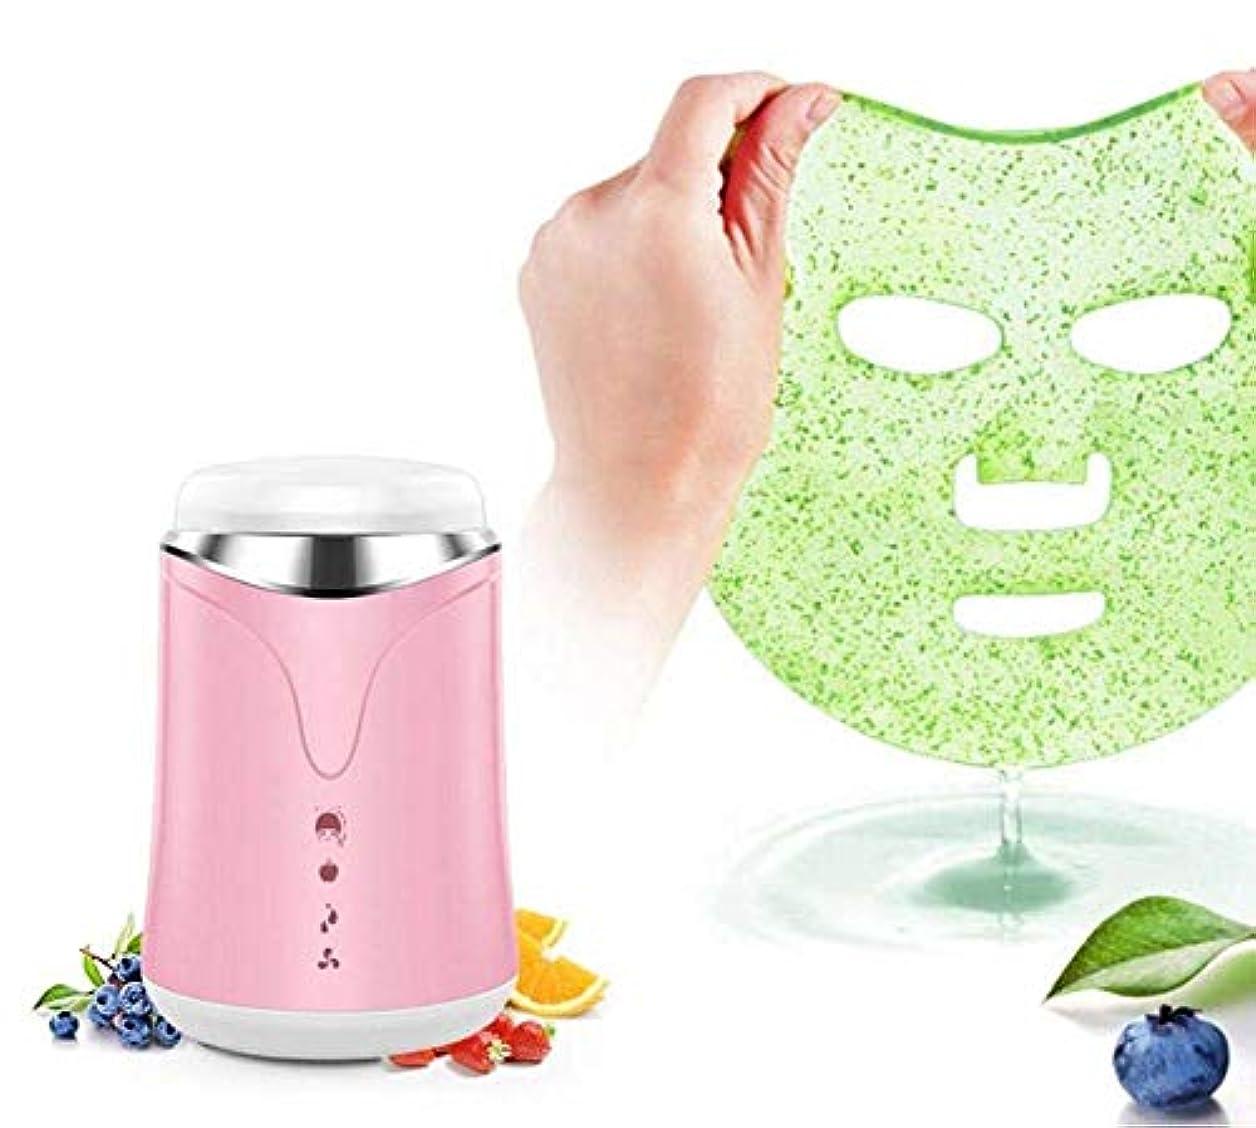 歌詞暗記する混合果物と野菜のマスクを作るマシン、顔の汽船インテリジェント自動フェイシャルケア機器/保湿美容機器自家製の液体マスク,Pink